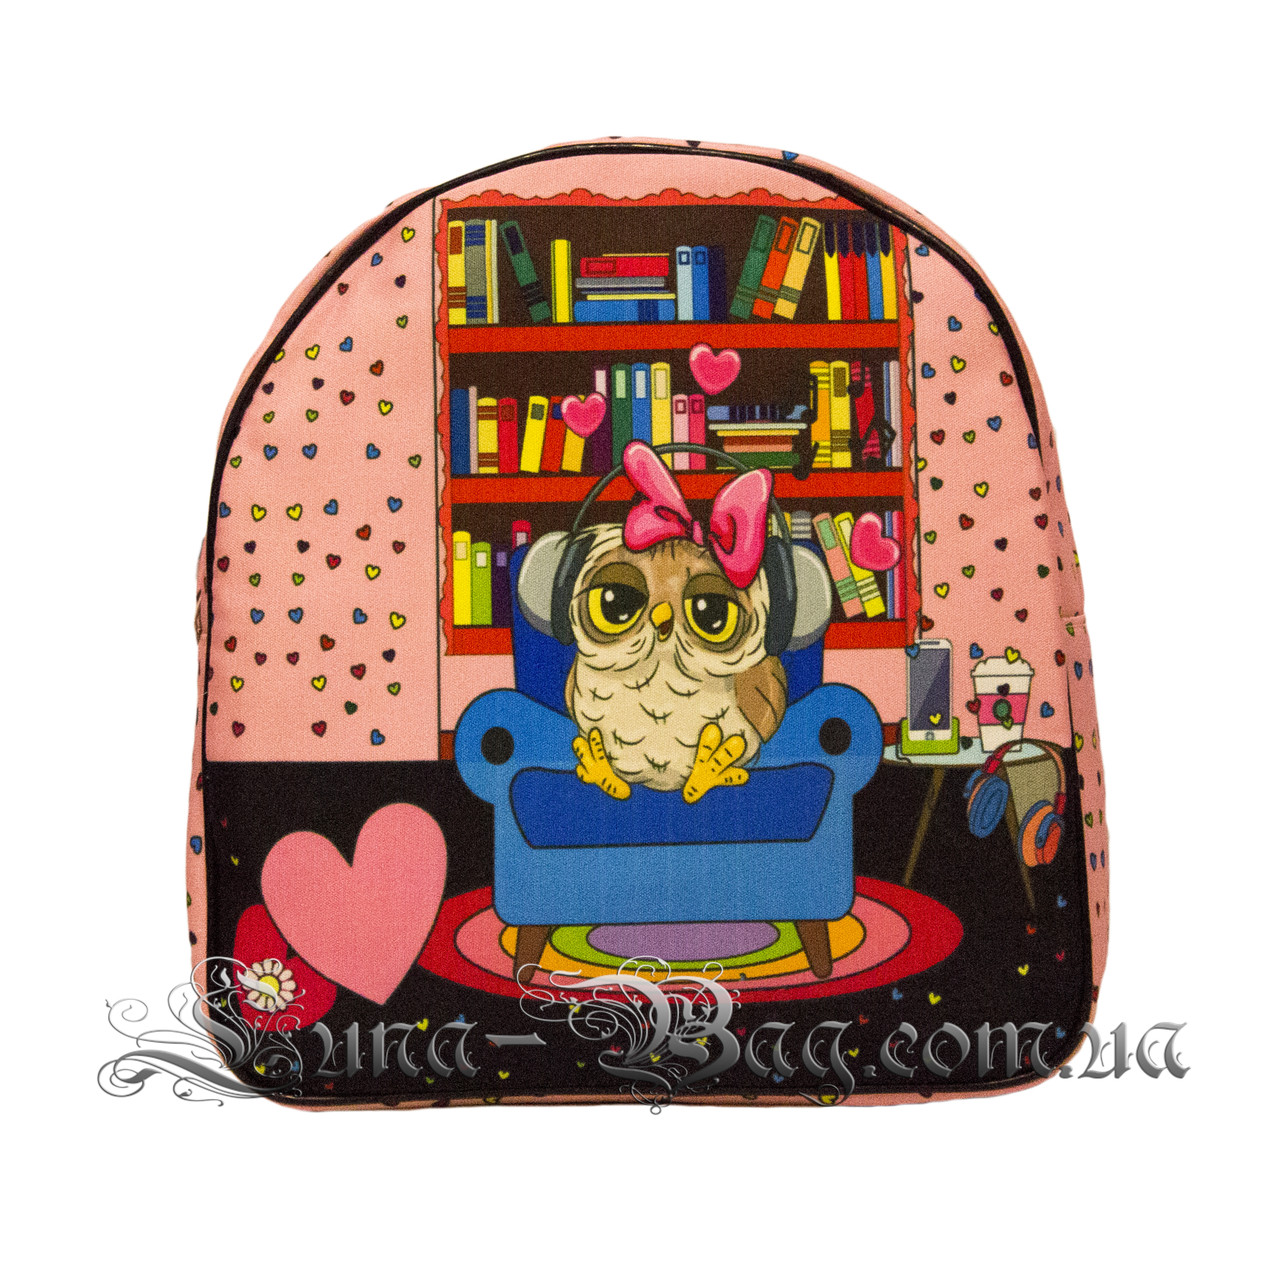 Яркий летний рюкзак Bright owls 4 Цвета . Светло розовый